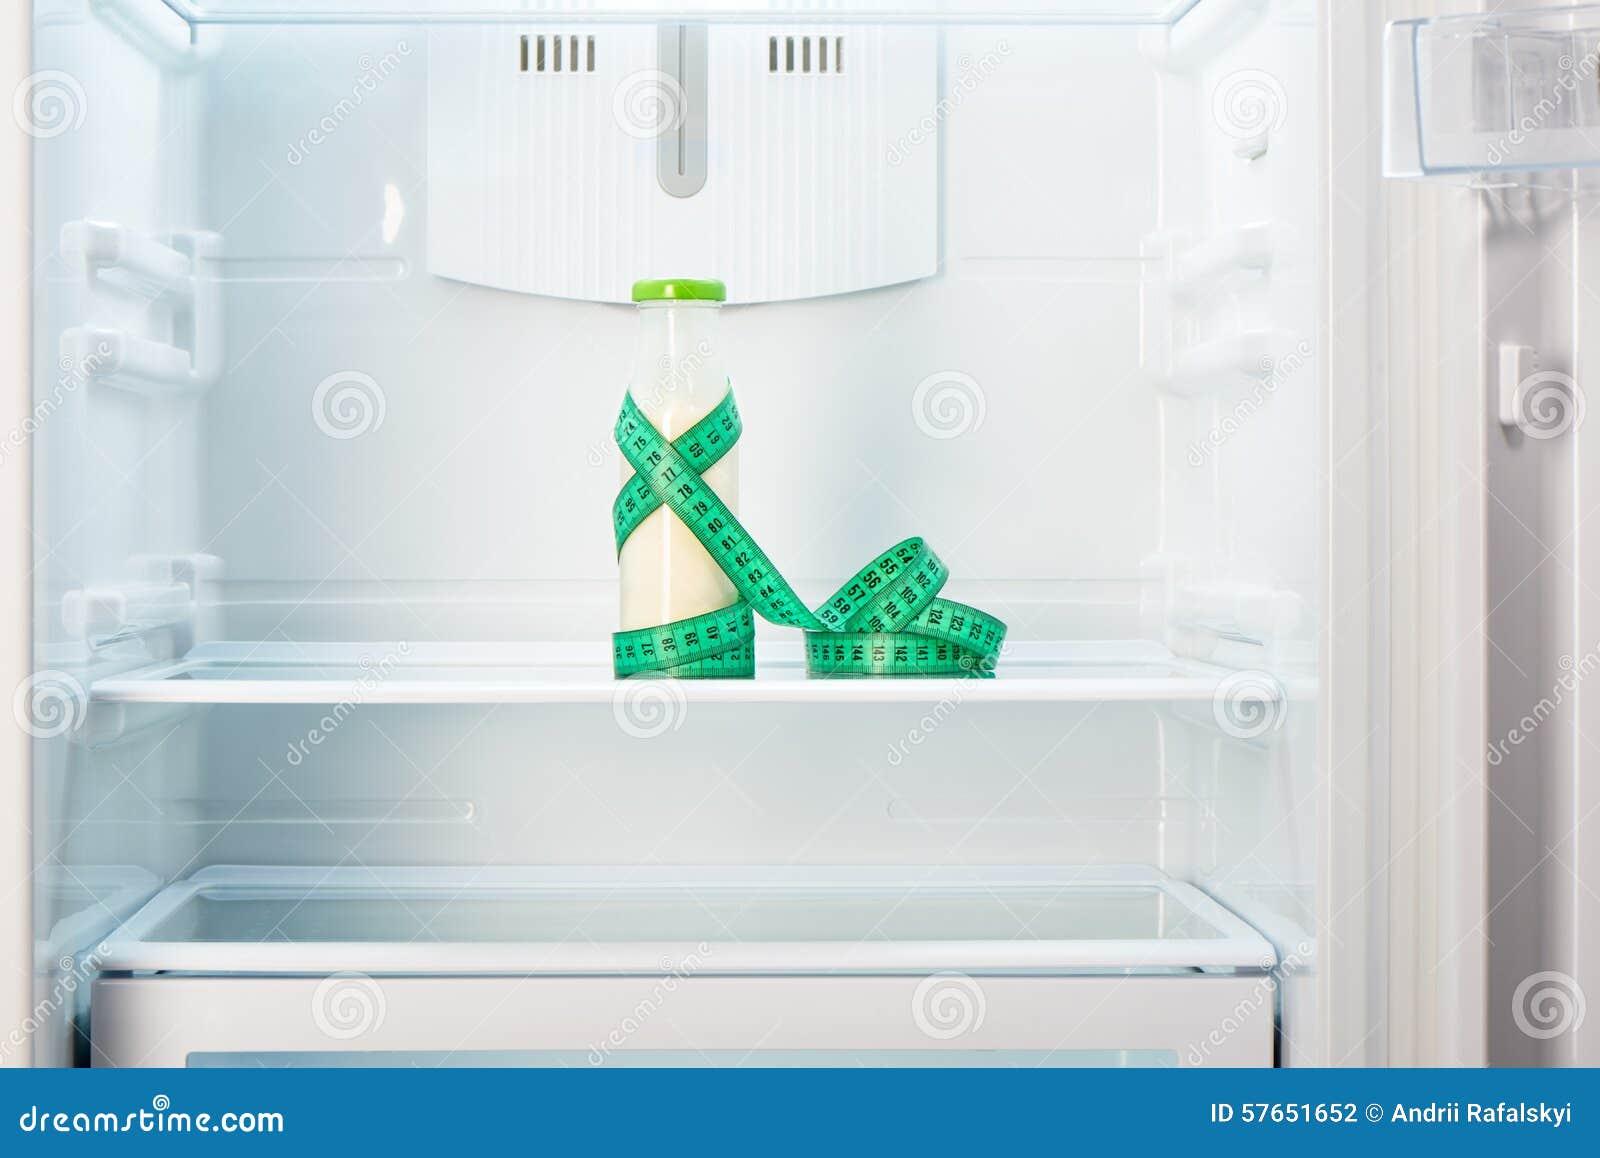 Szklana butelka jogurt z pomiarową taśmą na półce otwarta pusta chłodziarka